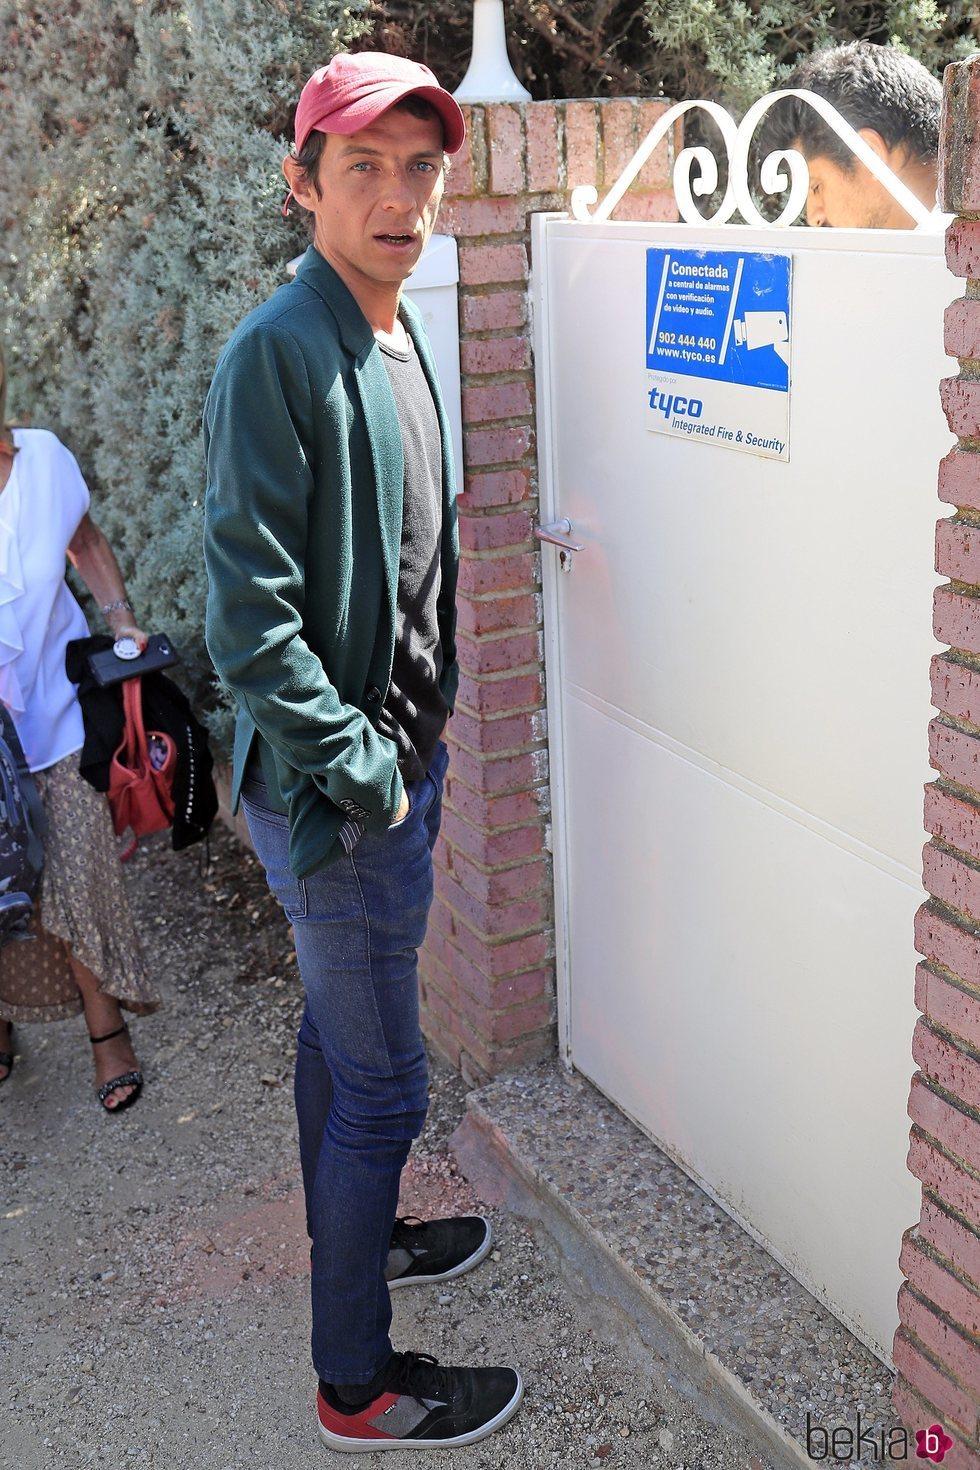 Camilo Blanes, hijo de Camilo Sesto, llegando a la casa de su padre